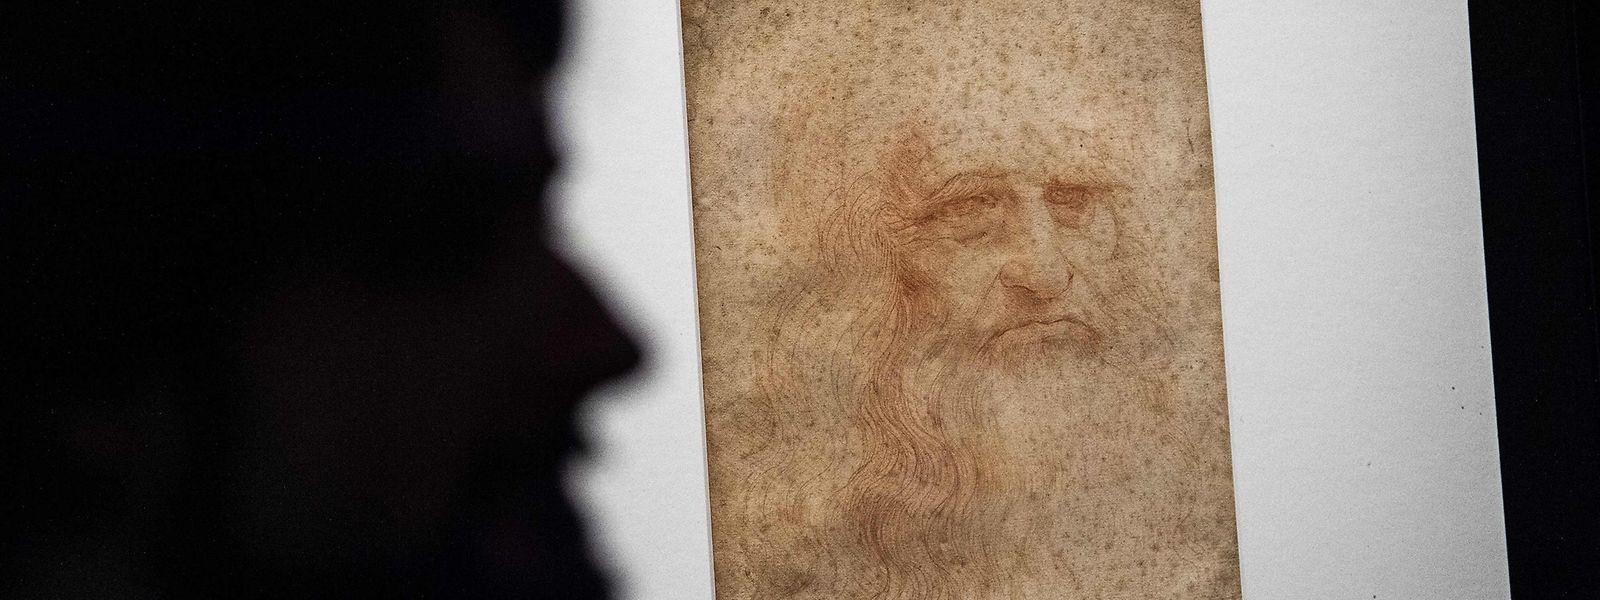 """Auch an ihn denken Europäer aller Länder, wenn sie """"Europa"""" sagen: Leonardo Da Vinci, dessen 500. Todestag am kommenden Donnerstag gefeiert wird. Hier als Selbstporträt in einer Ausstellung in Turin."""